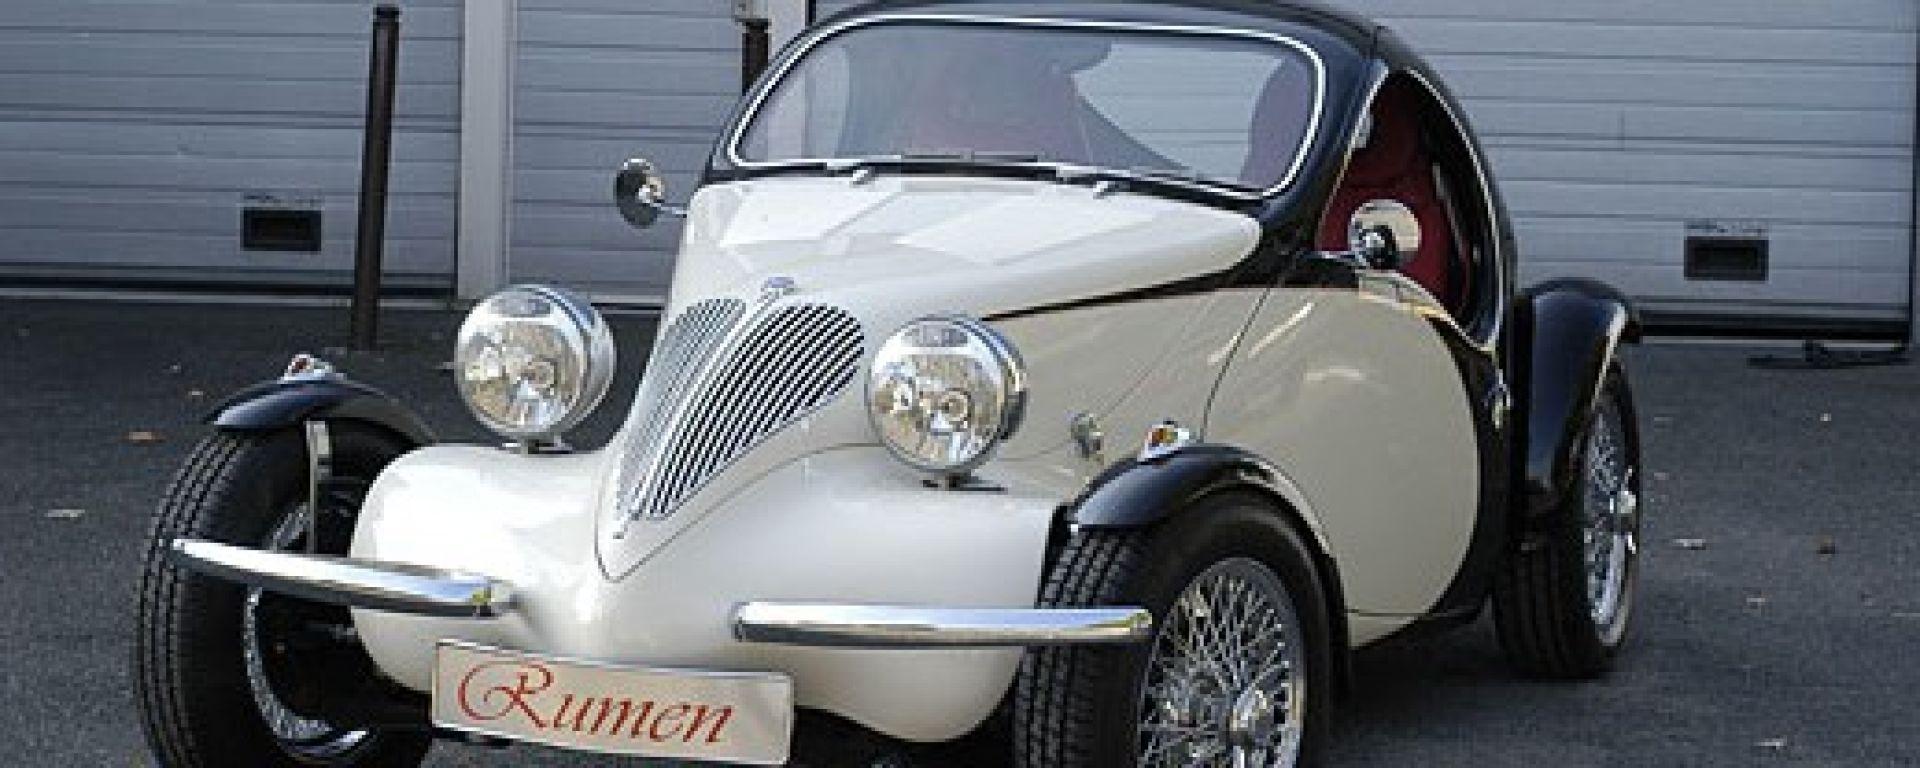 4Stroke Rumen: l'altra Bugatti